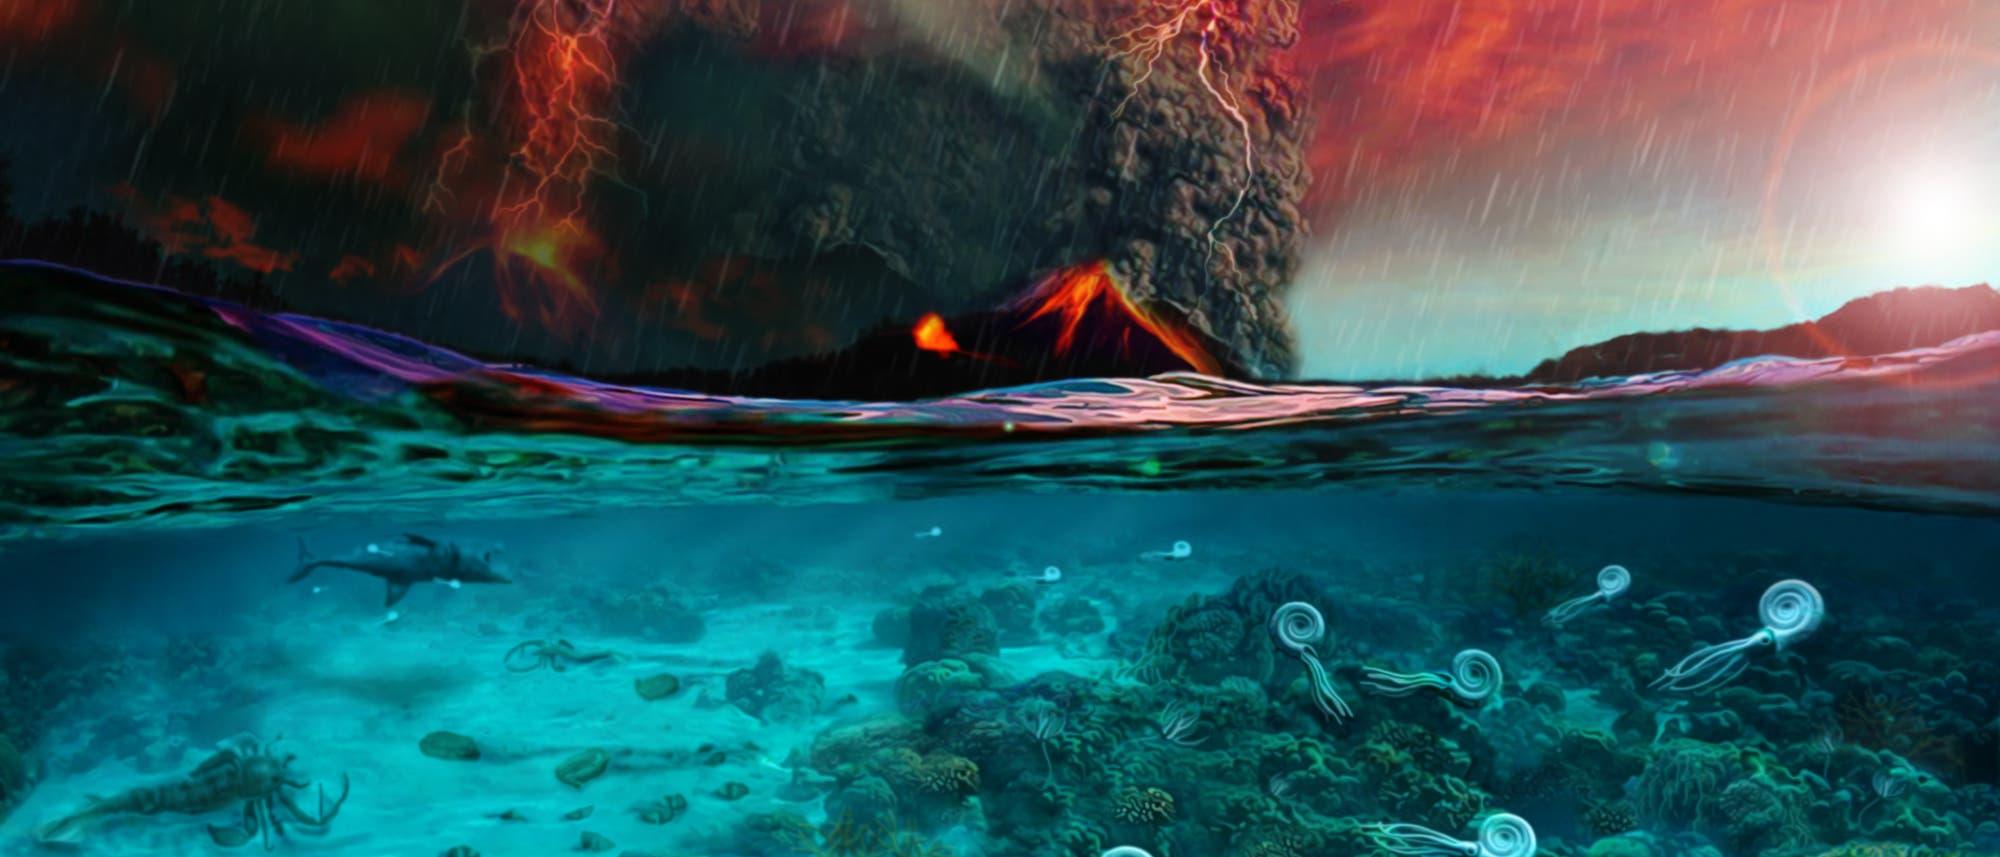 Weit reichende Vulkantätigkeiten lösten vor 252 Millionen Jahren das größte Massenaussterben der Erdgeschichte aus (Illustration)